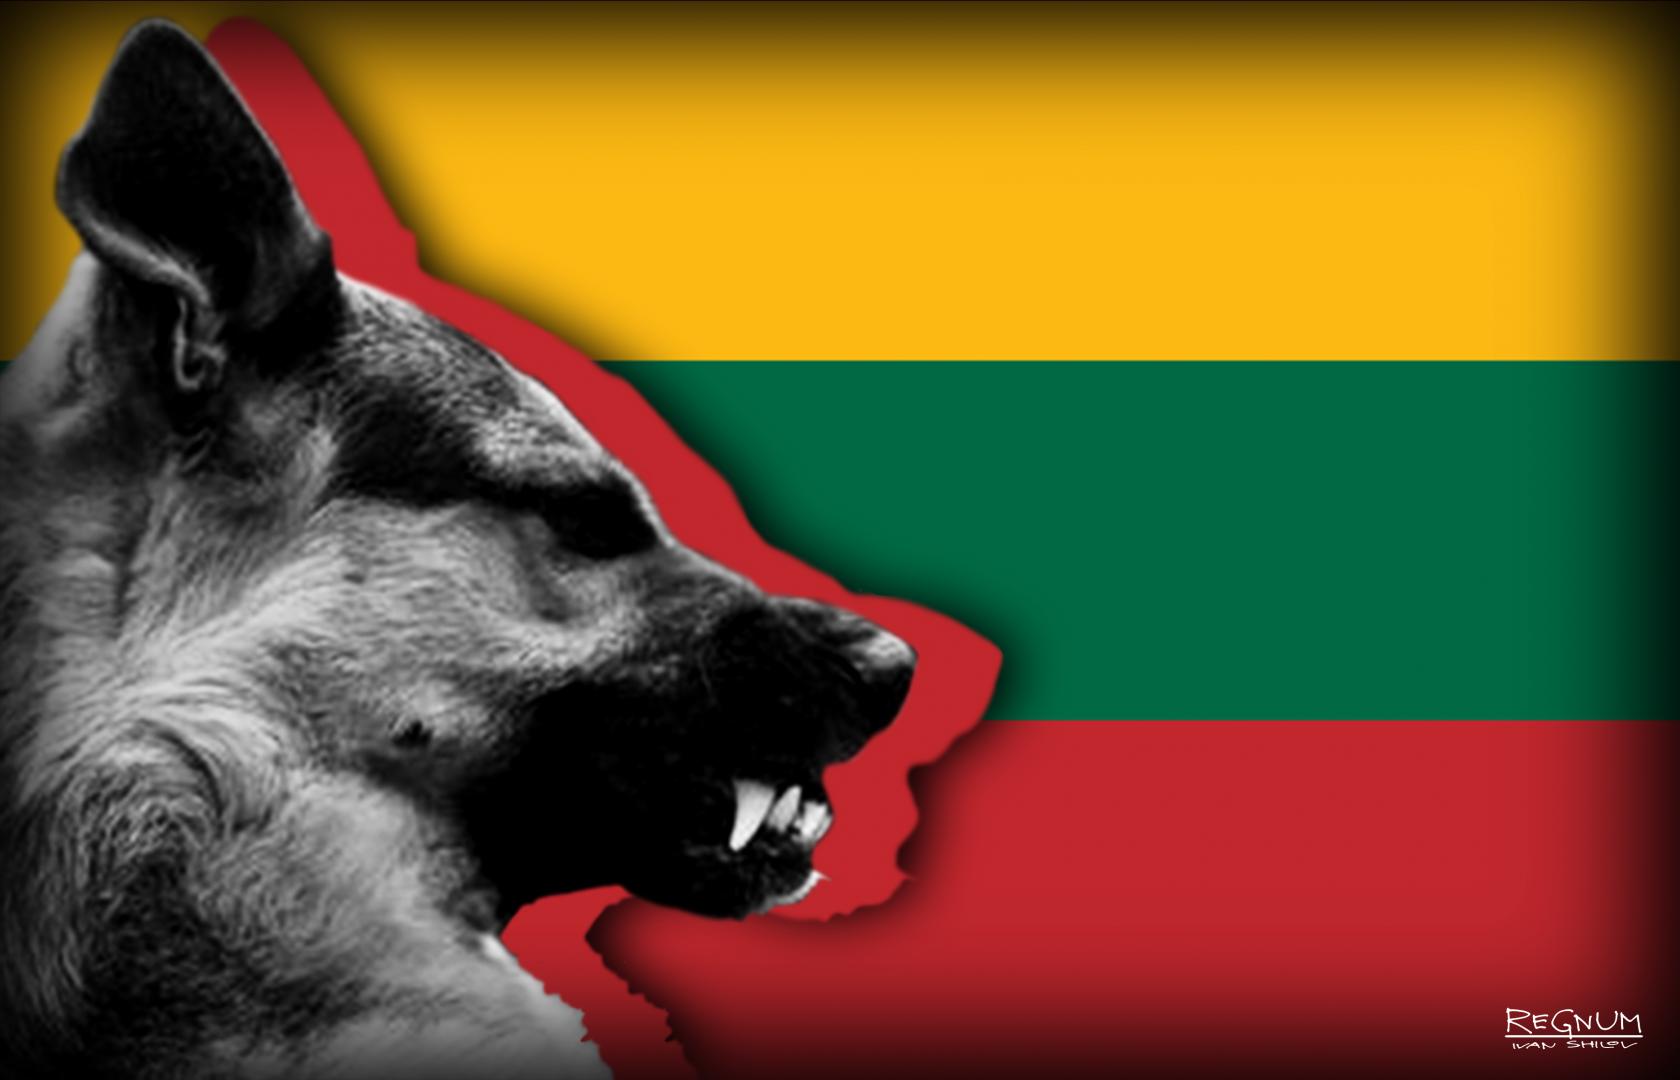 Литва наркомания надежда кодирование от алкоголизма